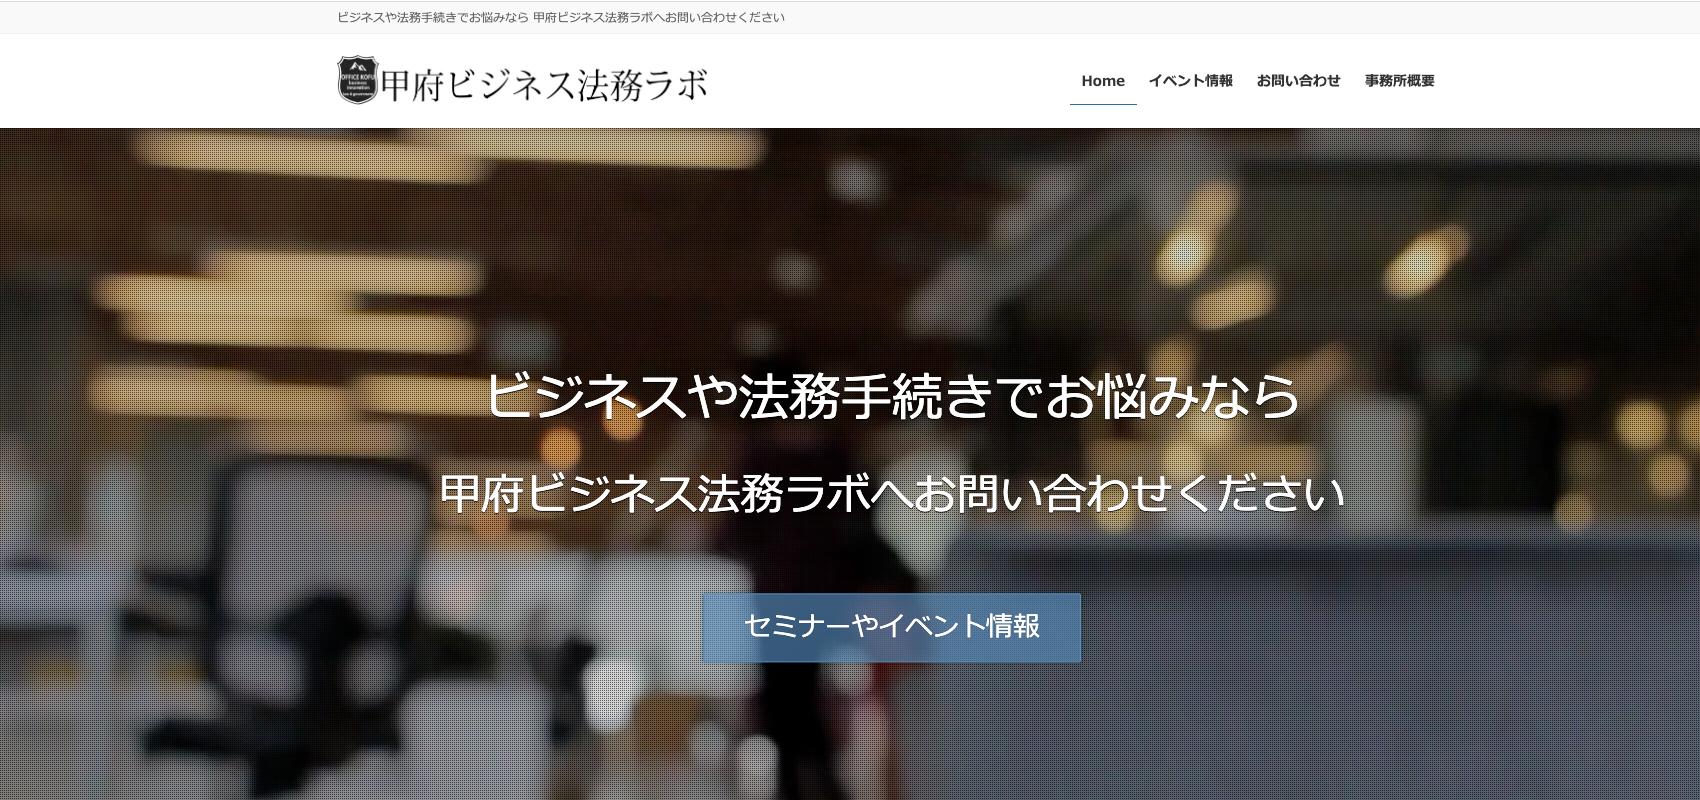 甲府ビジネス法務ラボ